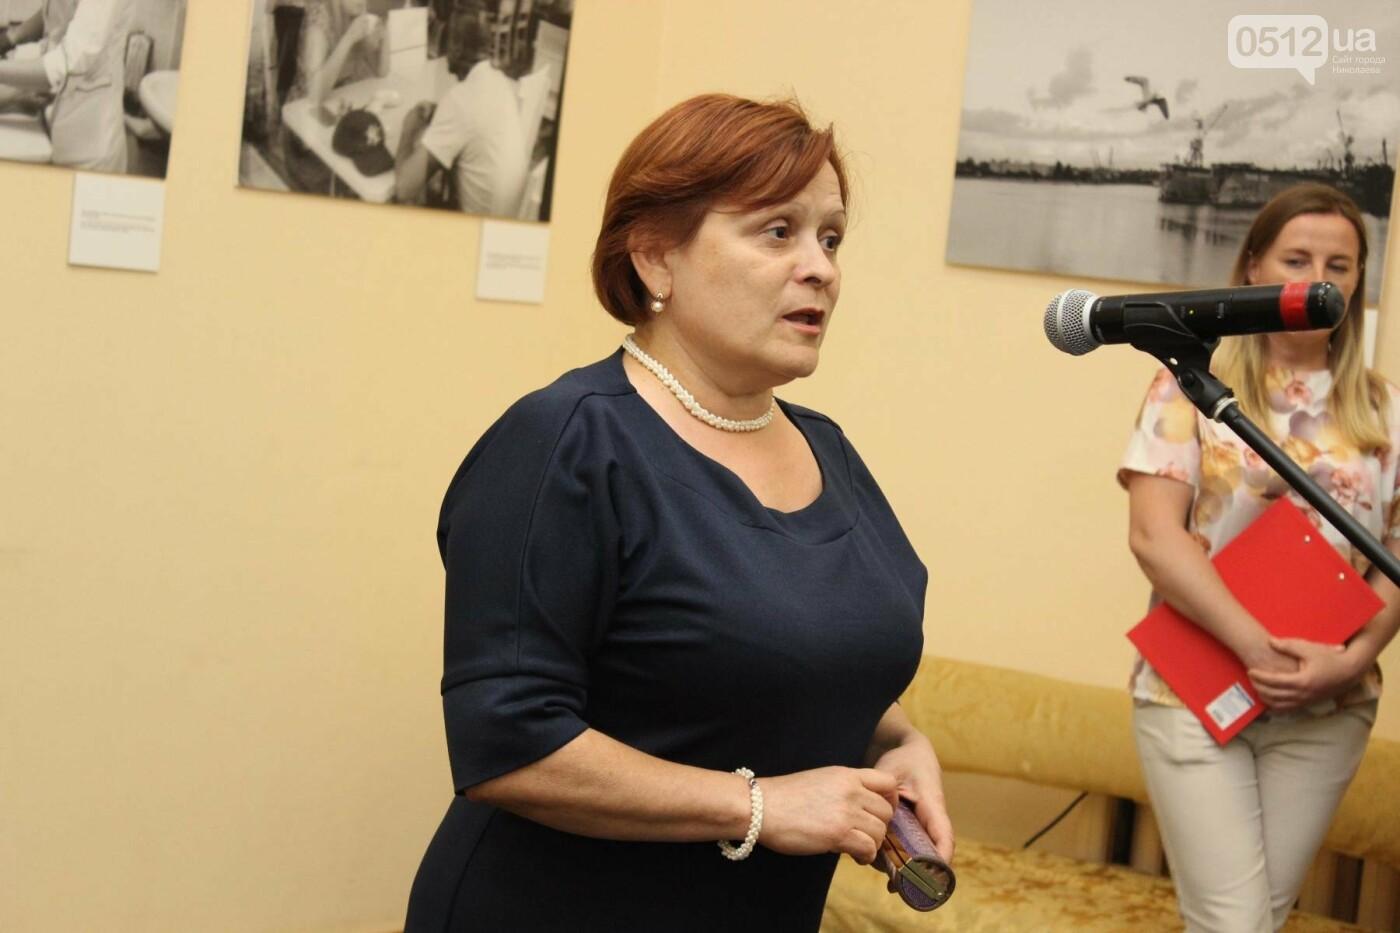 В Николаеве прошла фото-выставка людей, которые борются за жизнь, - ФОТО, фото-3